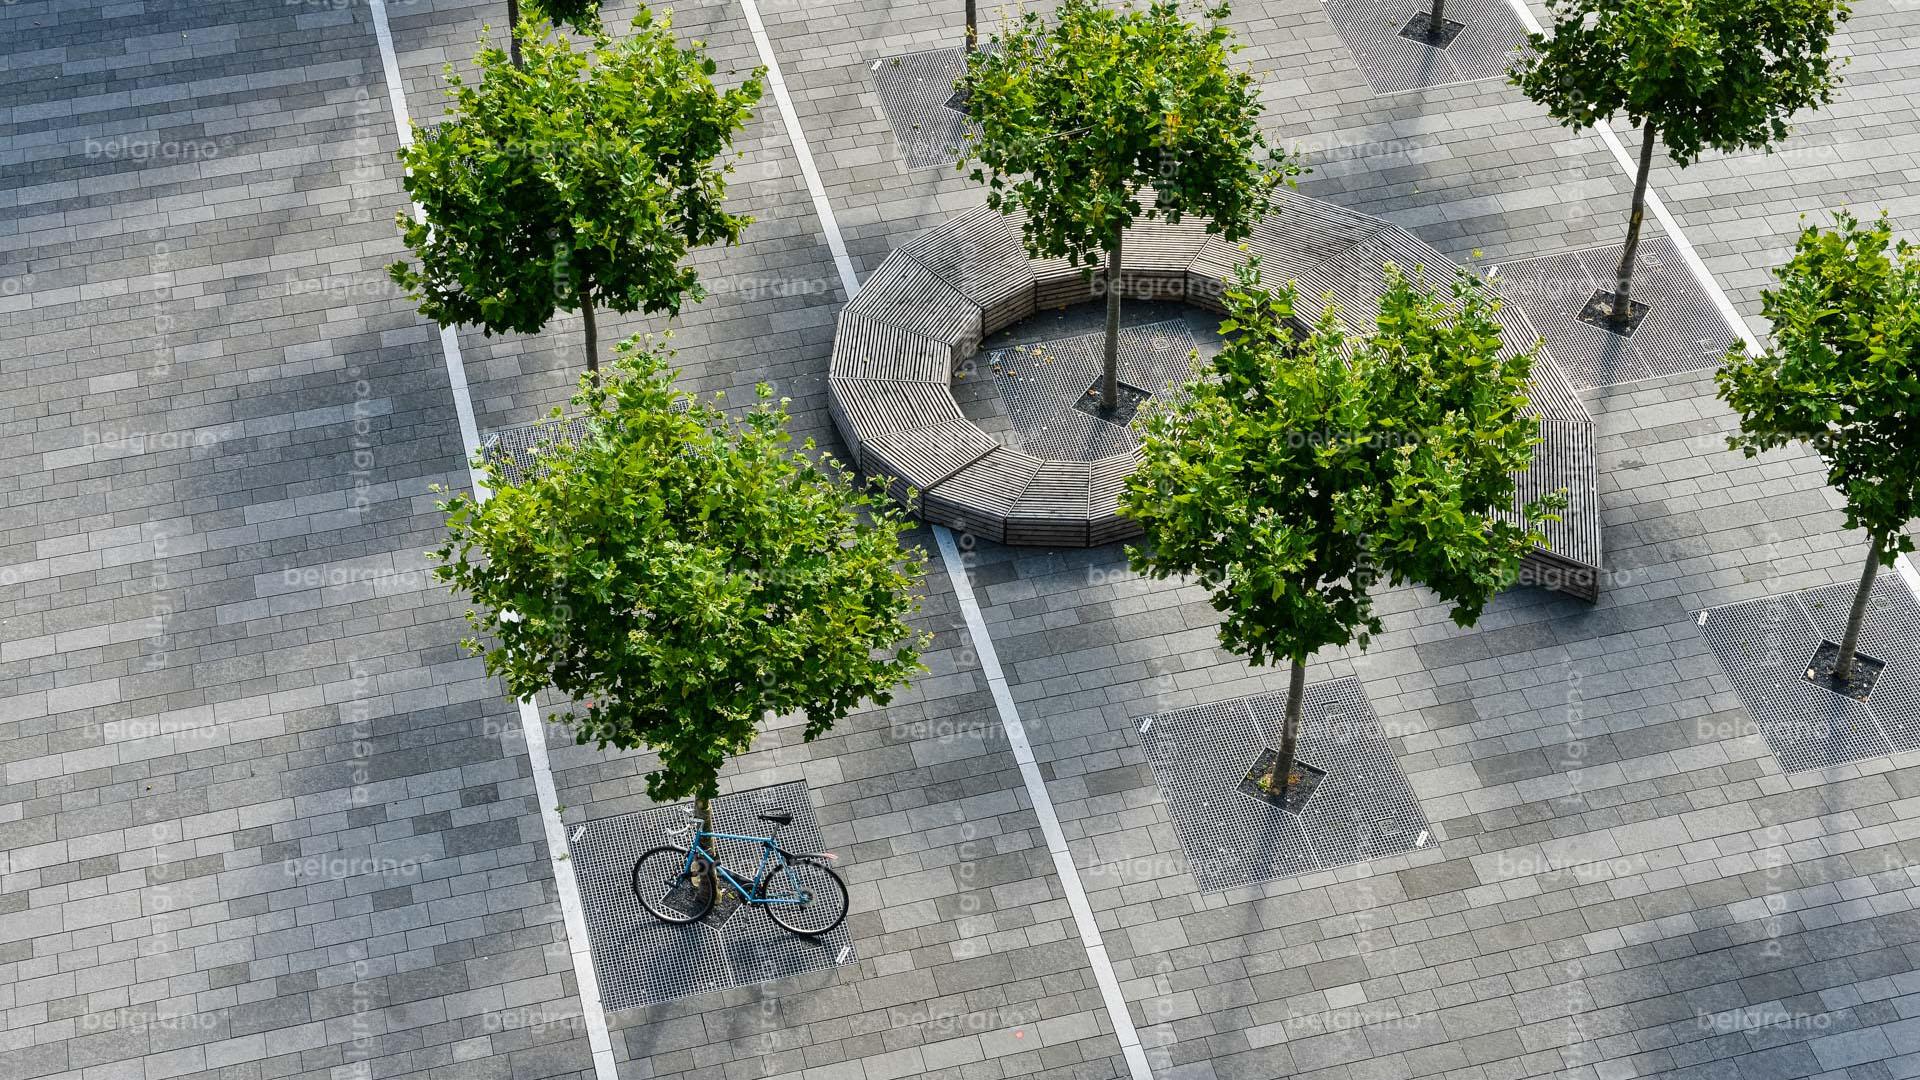 Aachen Templergraben Fußgängerzone- belgrano® Naturstein Pflasterplatten aus Basalt und Bodenplatten mit Intarsien aus Diorit